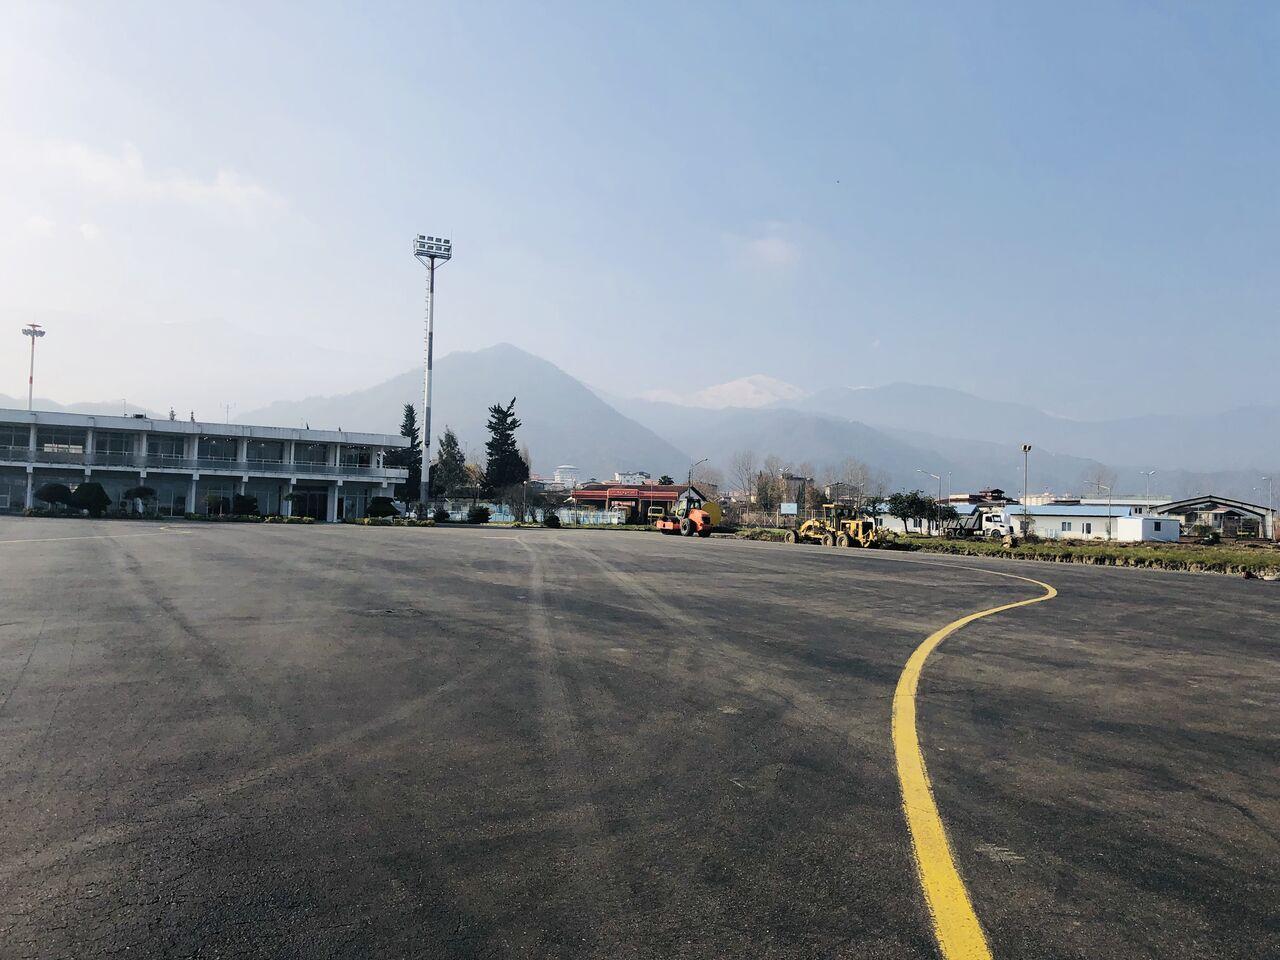 فاز-نخست-باند-جدید-فرودگاه-رامسر-تا-اواخر-دی-به.jpg